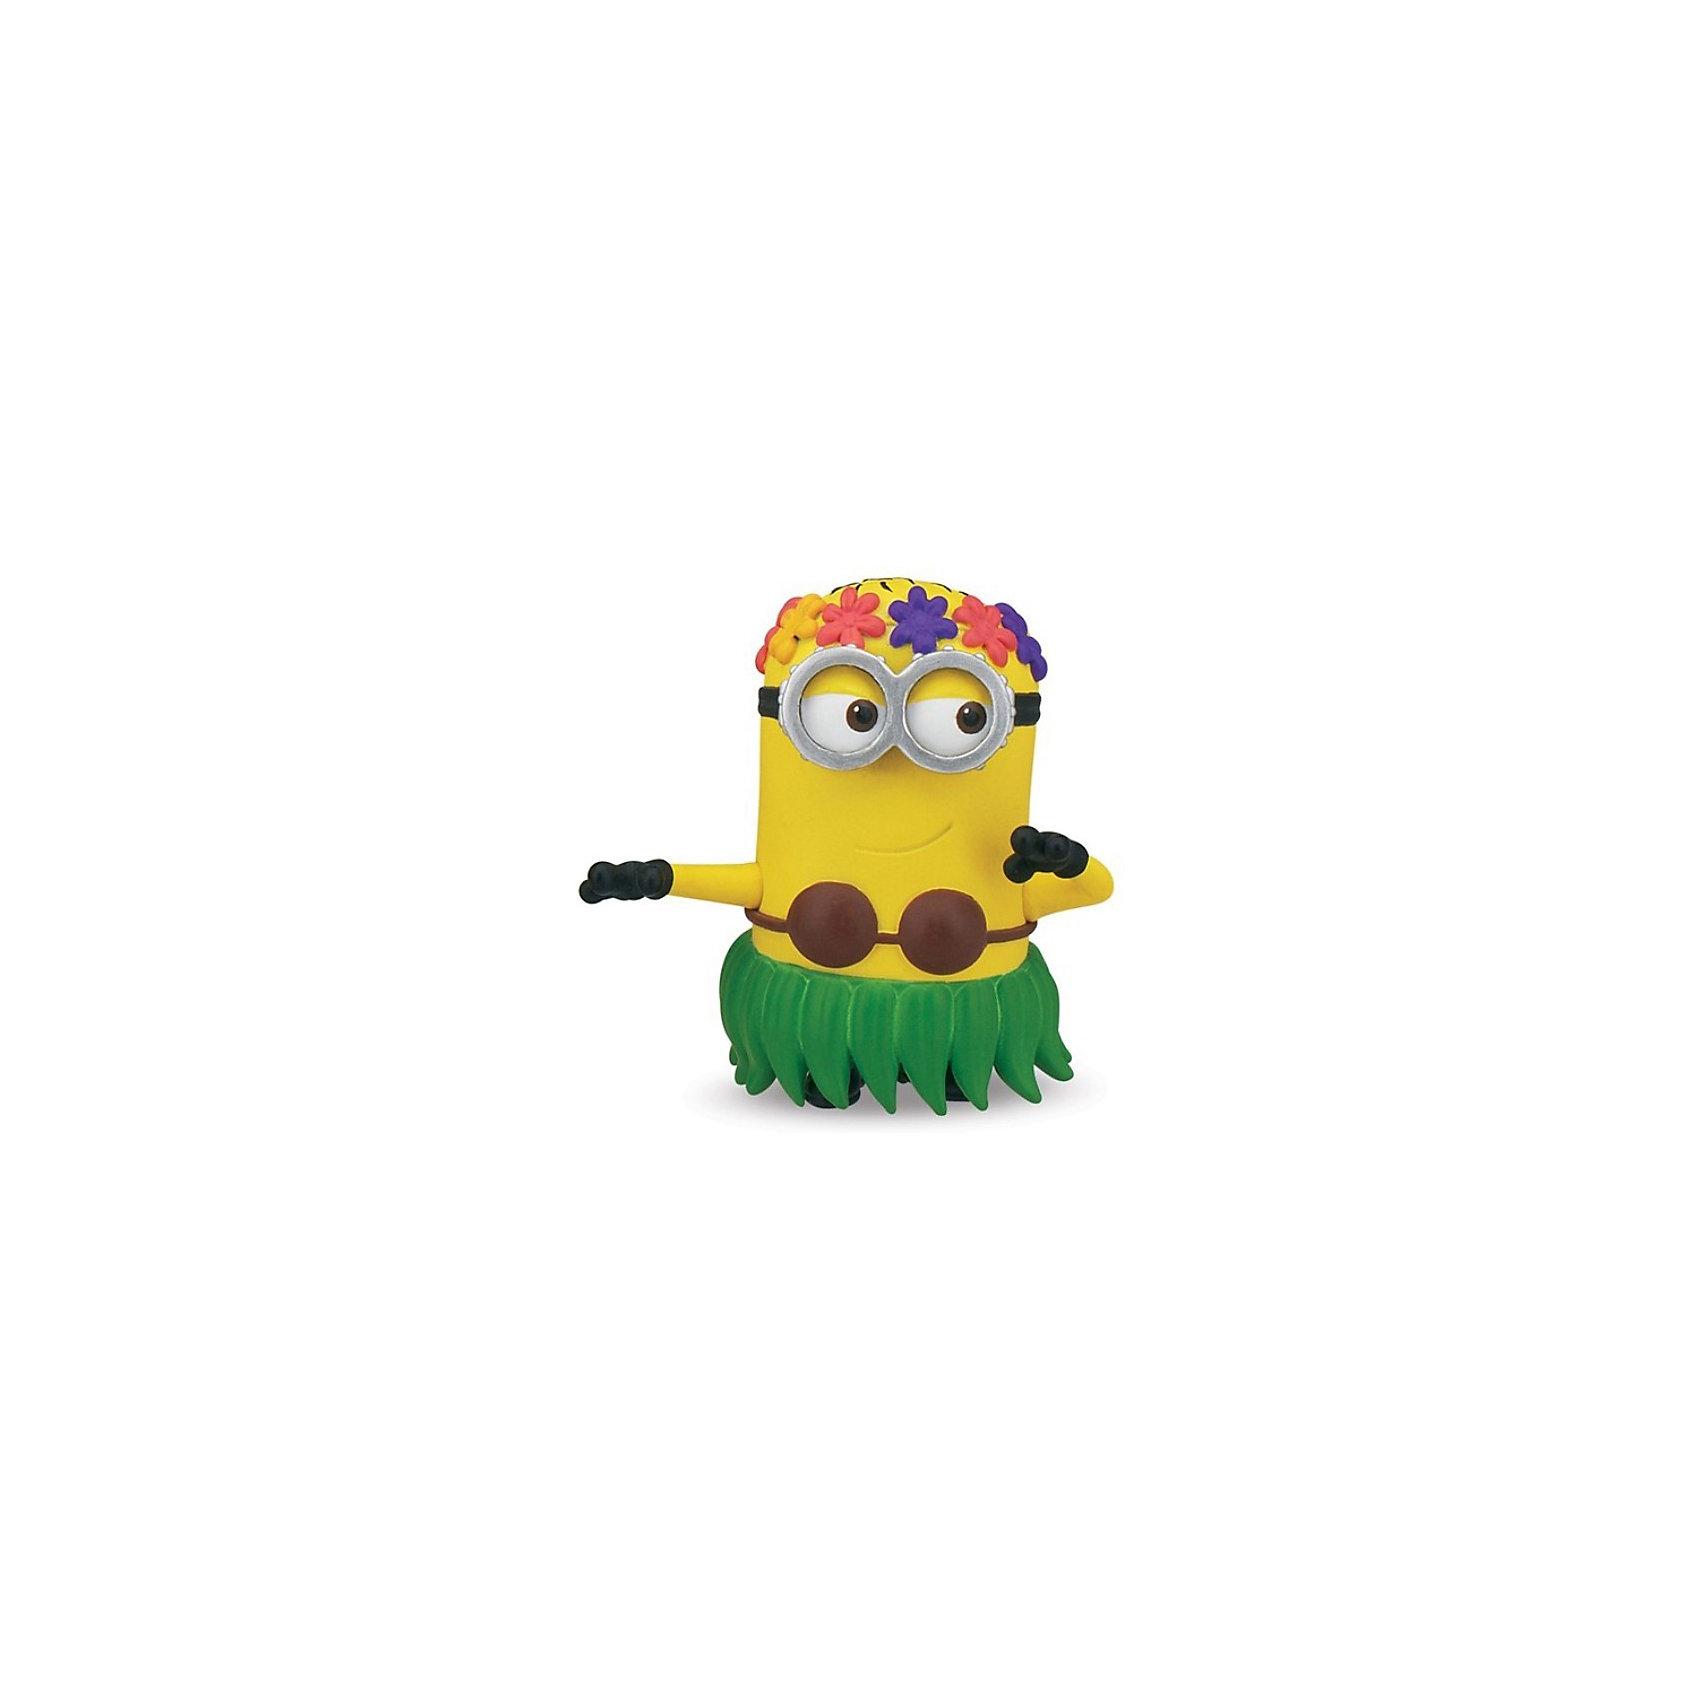 Хула-Хула Миньон,  Гадкий ЯФигурка миньона Хула-Хула, Гадкий Я создана по мотивам популярного мультфильма Гадкий Я (Despicable Me) и придется по душе всем его поклонникам. По сюжету злодей Грю создал целую армию забавных существ - миньонов, которые являются для него слугами и помощниками. Эти трудолюбивые и смешные желтые существа  имеют один или два глаза и носят круглые очки. Миньон-девочка Хула-Хула одета в гавайский наряд: юбочку из листьев и топ, на голове цветочный венок. У фигурки забавное лицо, два глаза и очки. Руки и ноги подвижные.<br><br>Дополнительная информация:<br><br>- Материал: пластик.<br>- Высота фигурка: 5 см.<br>- Размер упаковки: 10 х 5 х 19 см.<br>- Вес: 100 гр.<br><br>Миньона Хула-Хула, Гадкий Я можно купить в нашем интернет-магазине.<br><br>Ширина мм: 100<br>Глубина мм: 50<br>Высота мм: 190<br>Вес г: 100<br>Возраст от месяцев: 36<br>Возраст до месяцев: 84<br>Пол: Женский<br>Возраст: Детский<br>SKU: 3893466